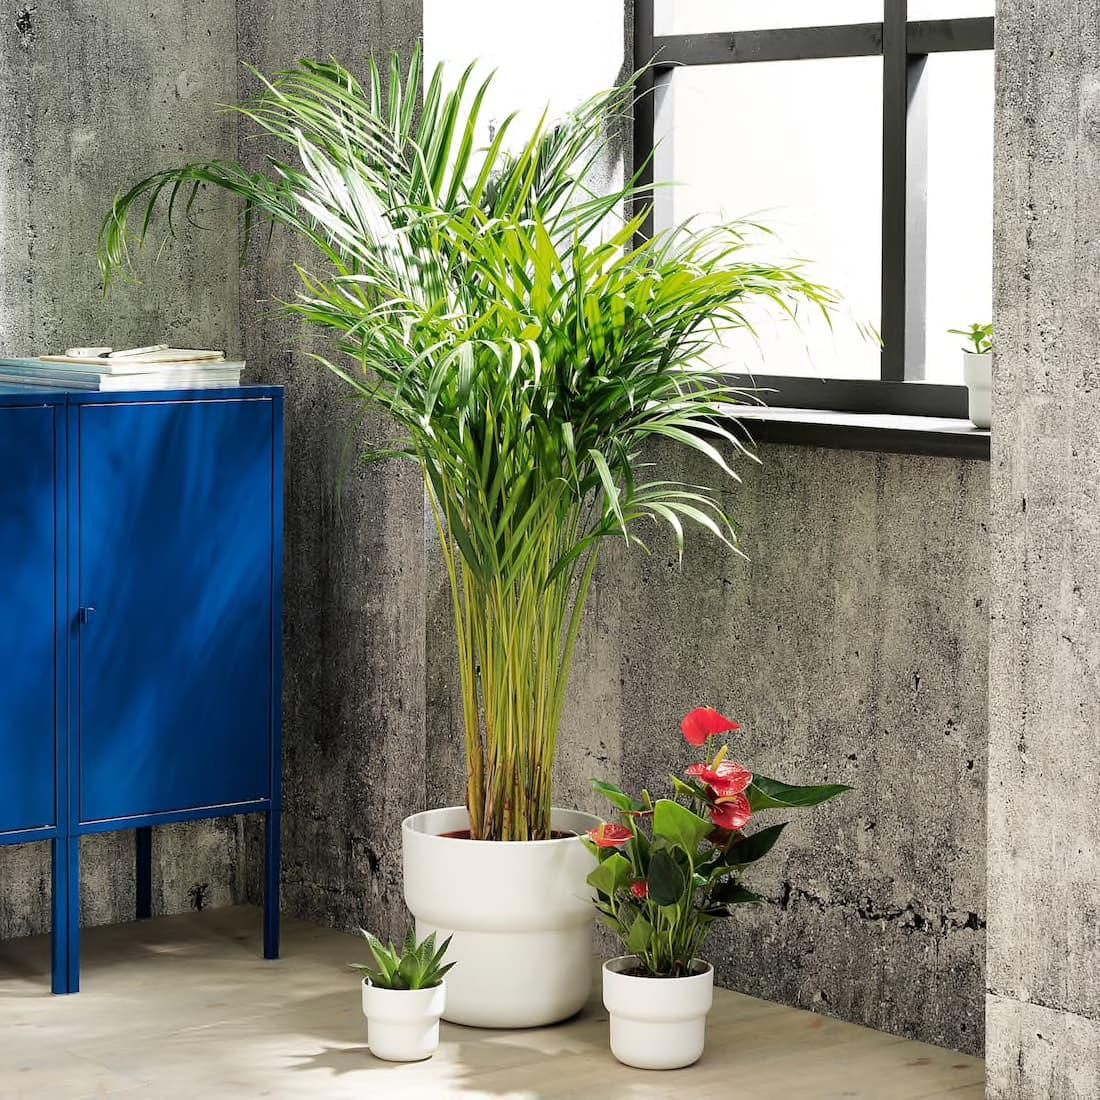 Pianta artificiale in vaso FÖRENLIG - Design e foto by Ikea